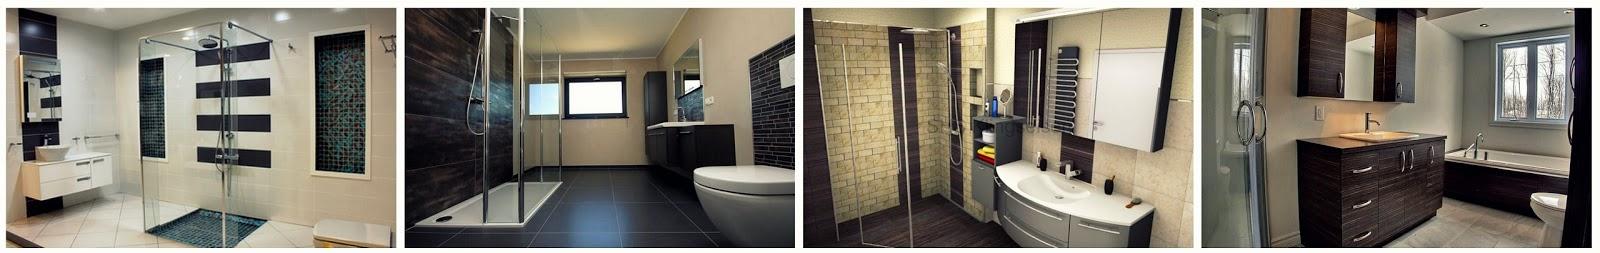 une r novation compl te et professionnelle de votre salle de bain peintre professionnel cesu. Black Bedroom Furniture Sets. Home Design Ideas